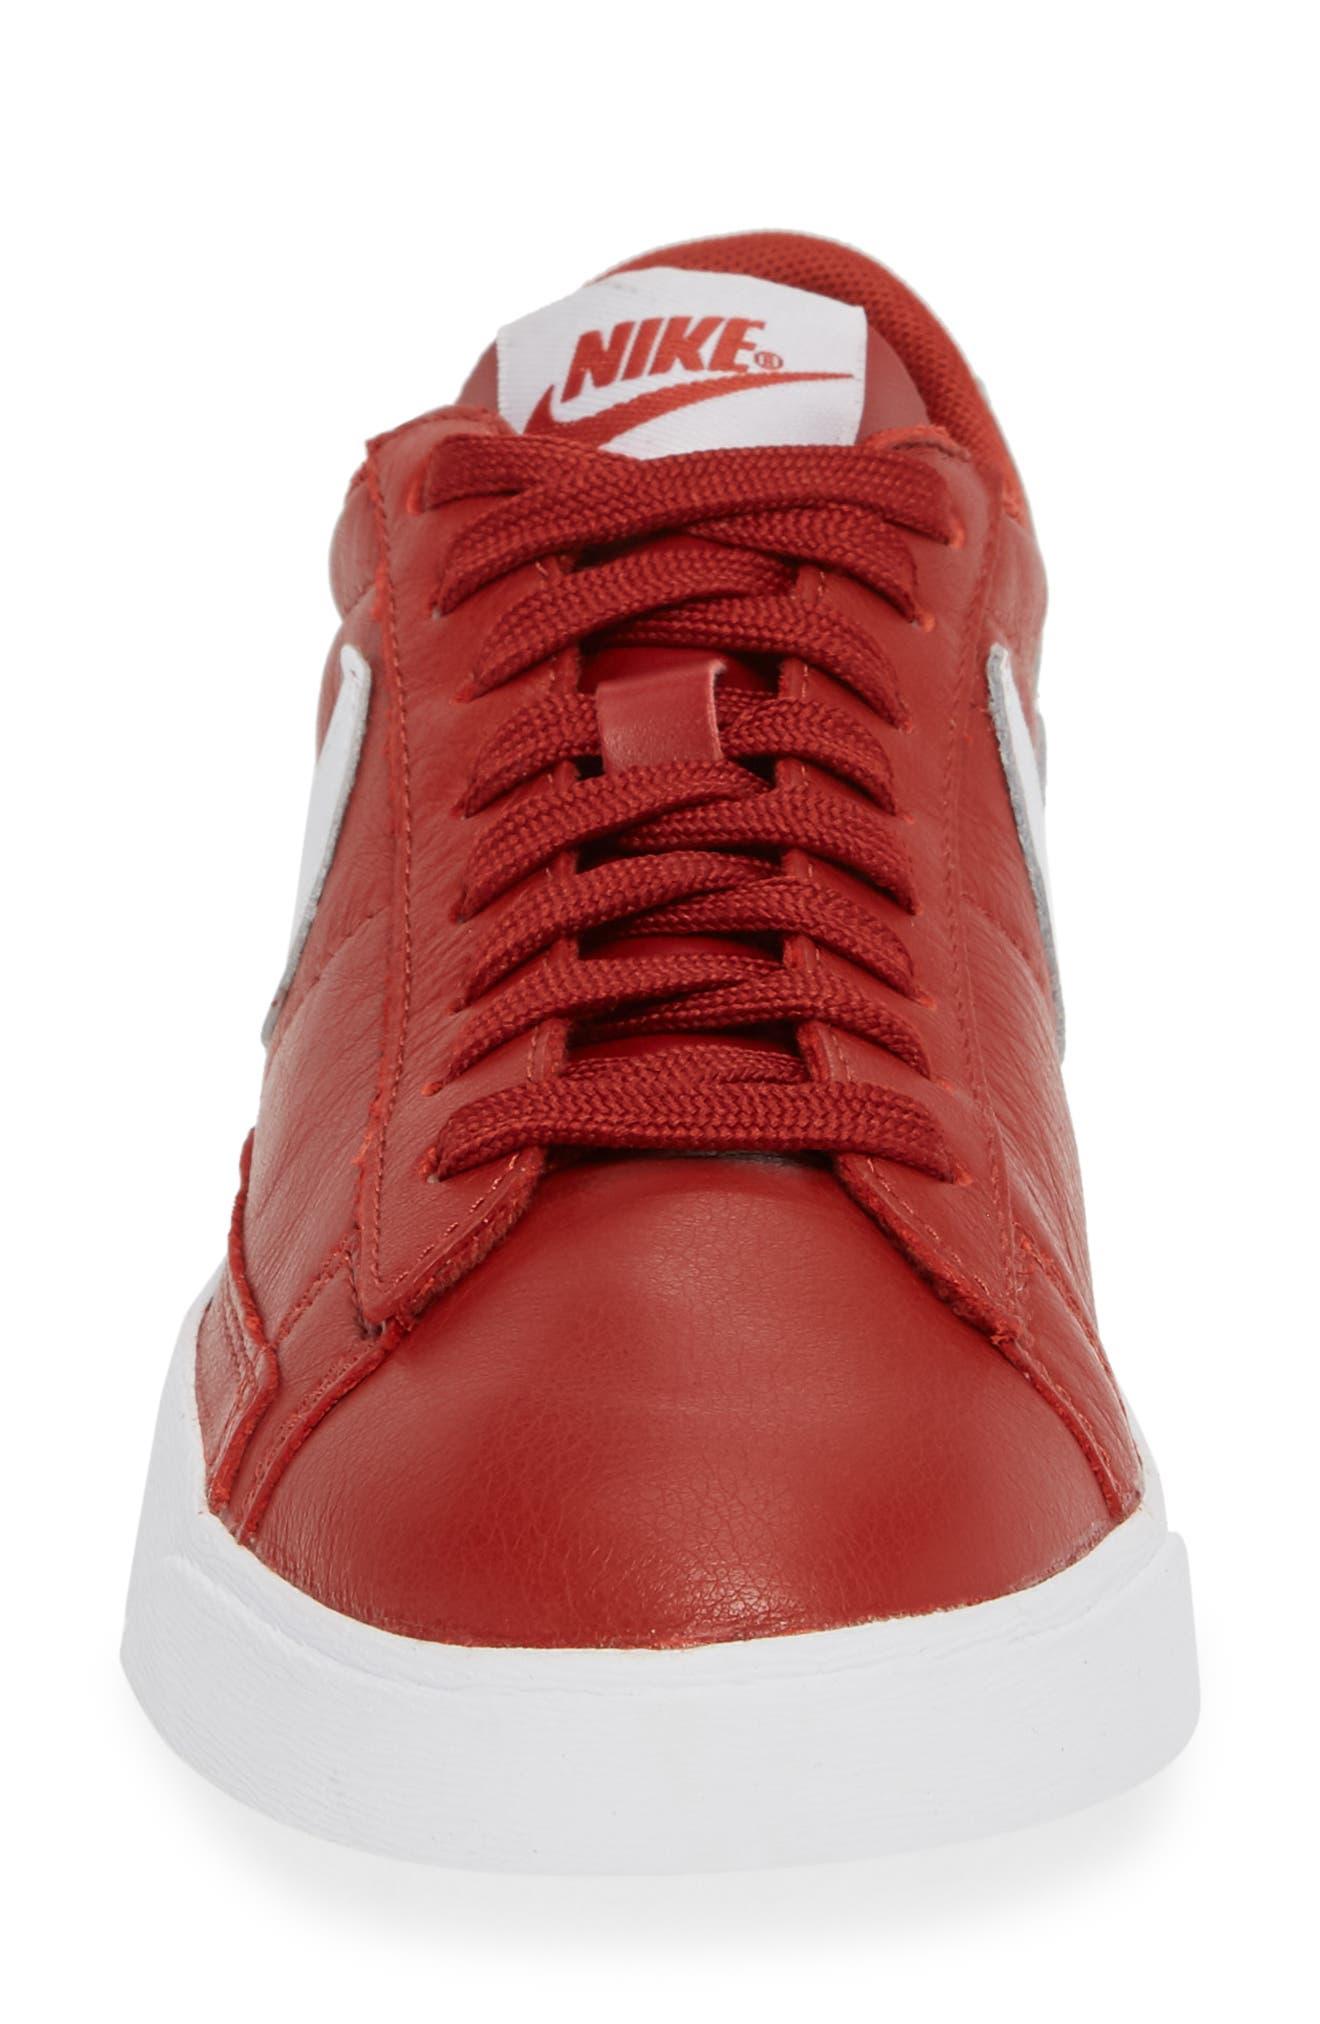 Blazer Low SE Sneaker,                             Alternate thumbnail 4, color,                             DUNE RED/ WHITE-DUNE RED